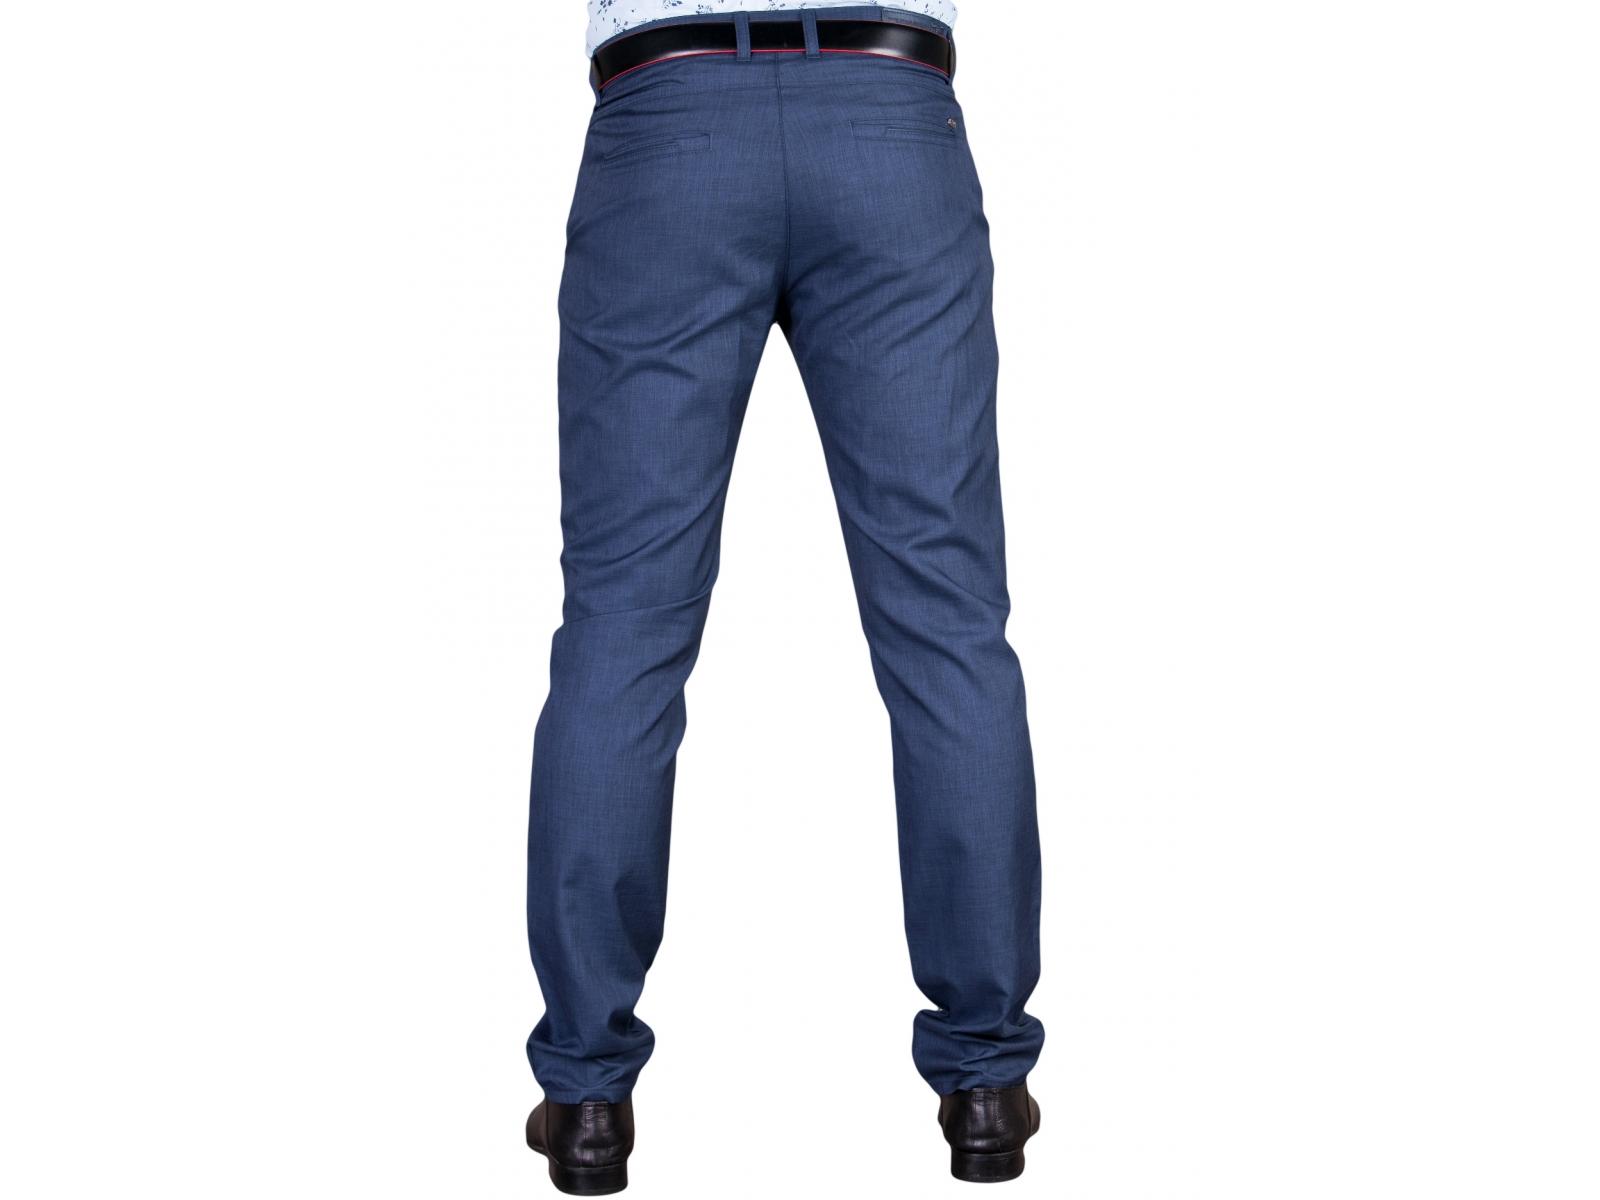 4ae2b3c6cbce8 Spodnie wizytowe cienkie 1710 fashionmen2 rozm. 44 - 7314332212 ...